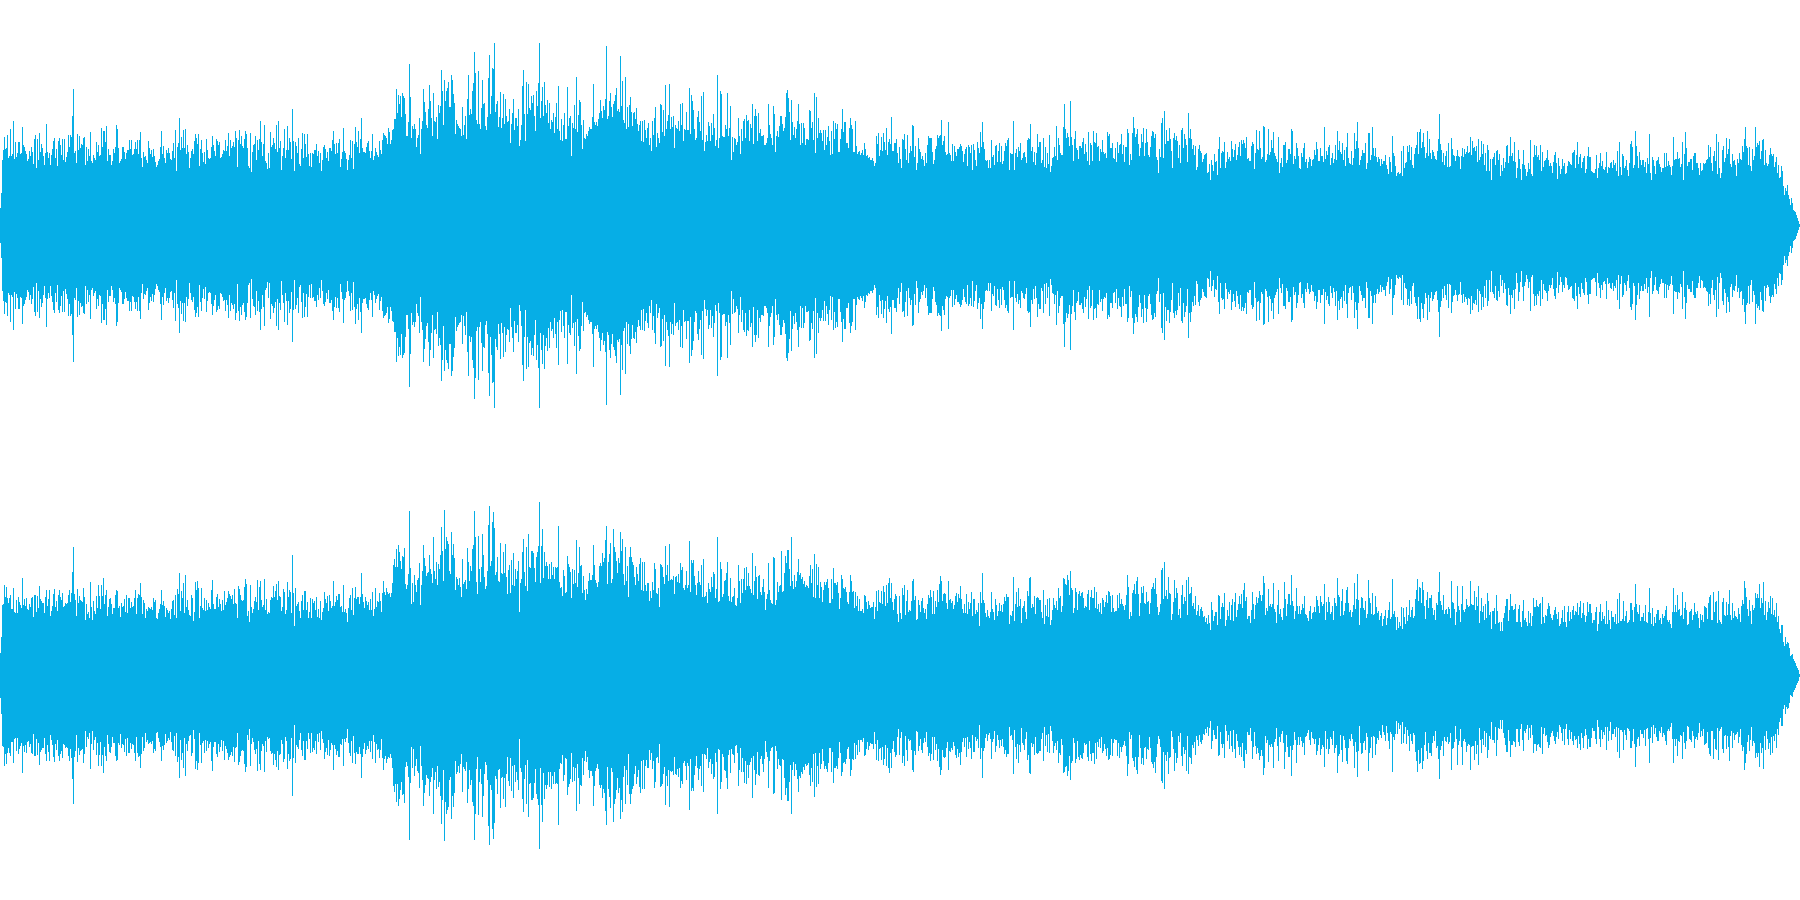 新幹線ホーム(環境音)の再生済みの波形